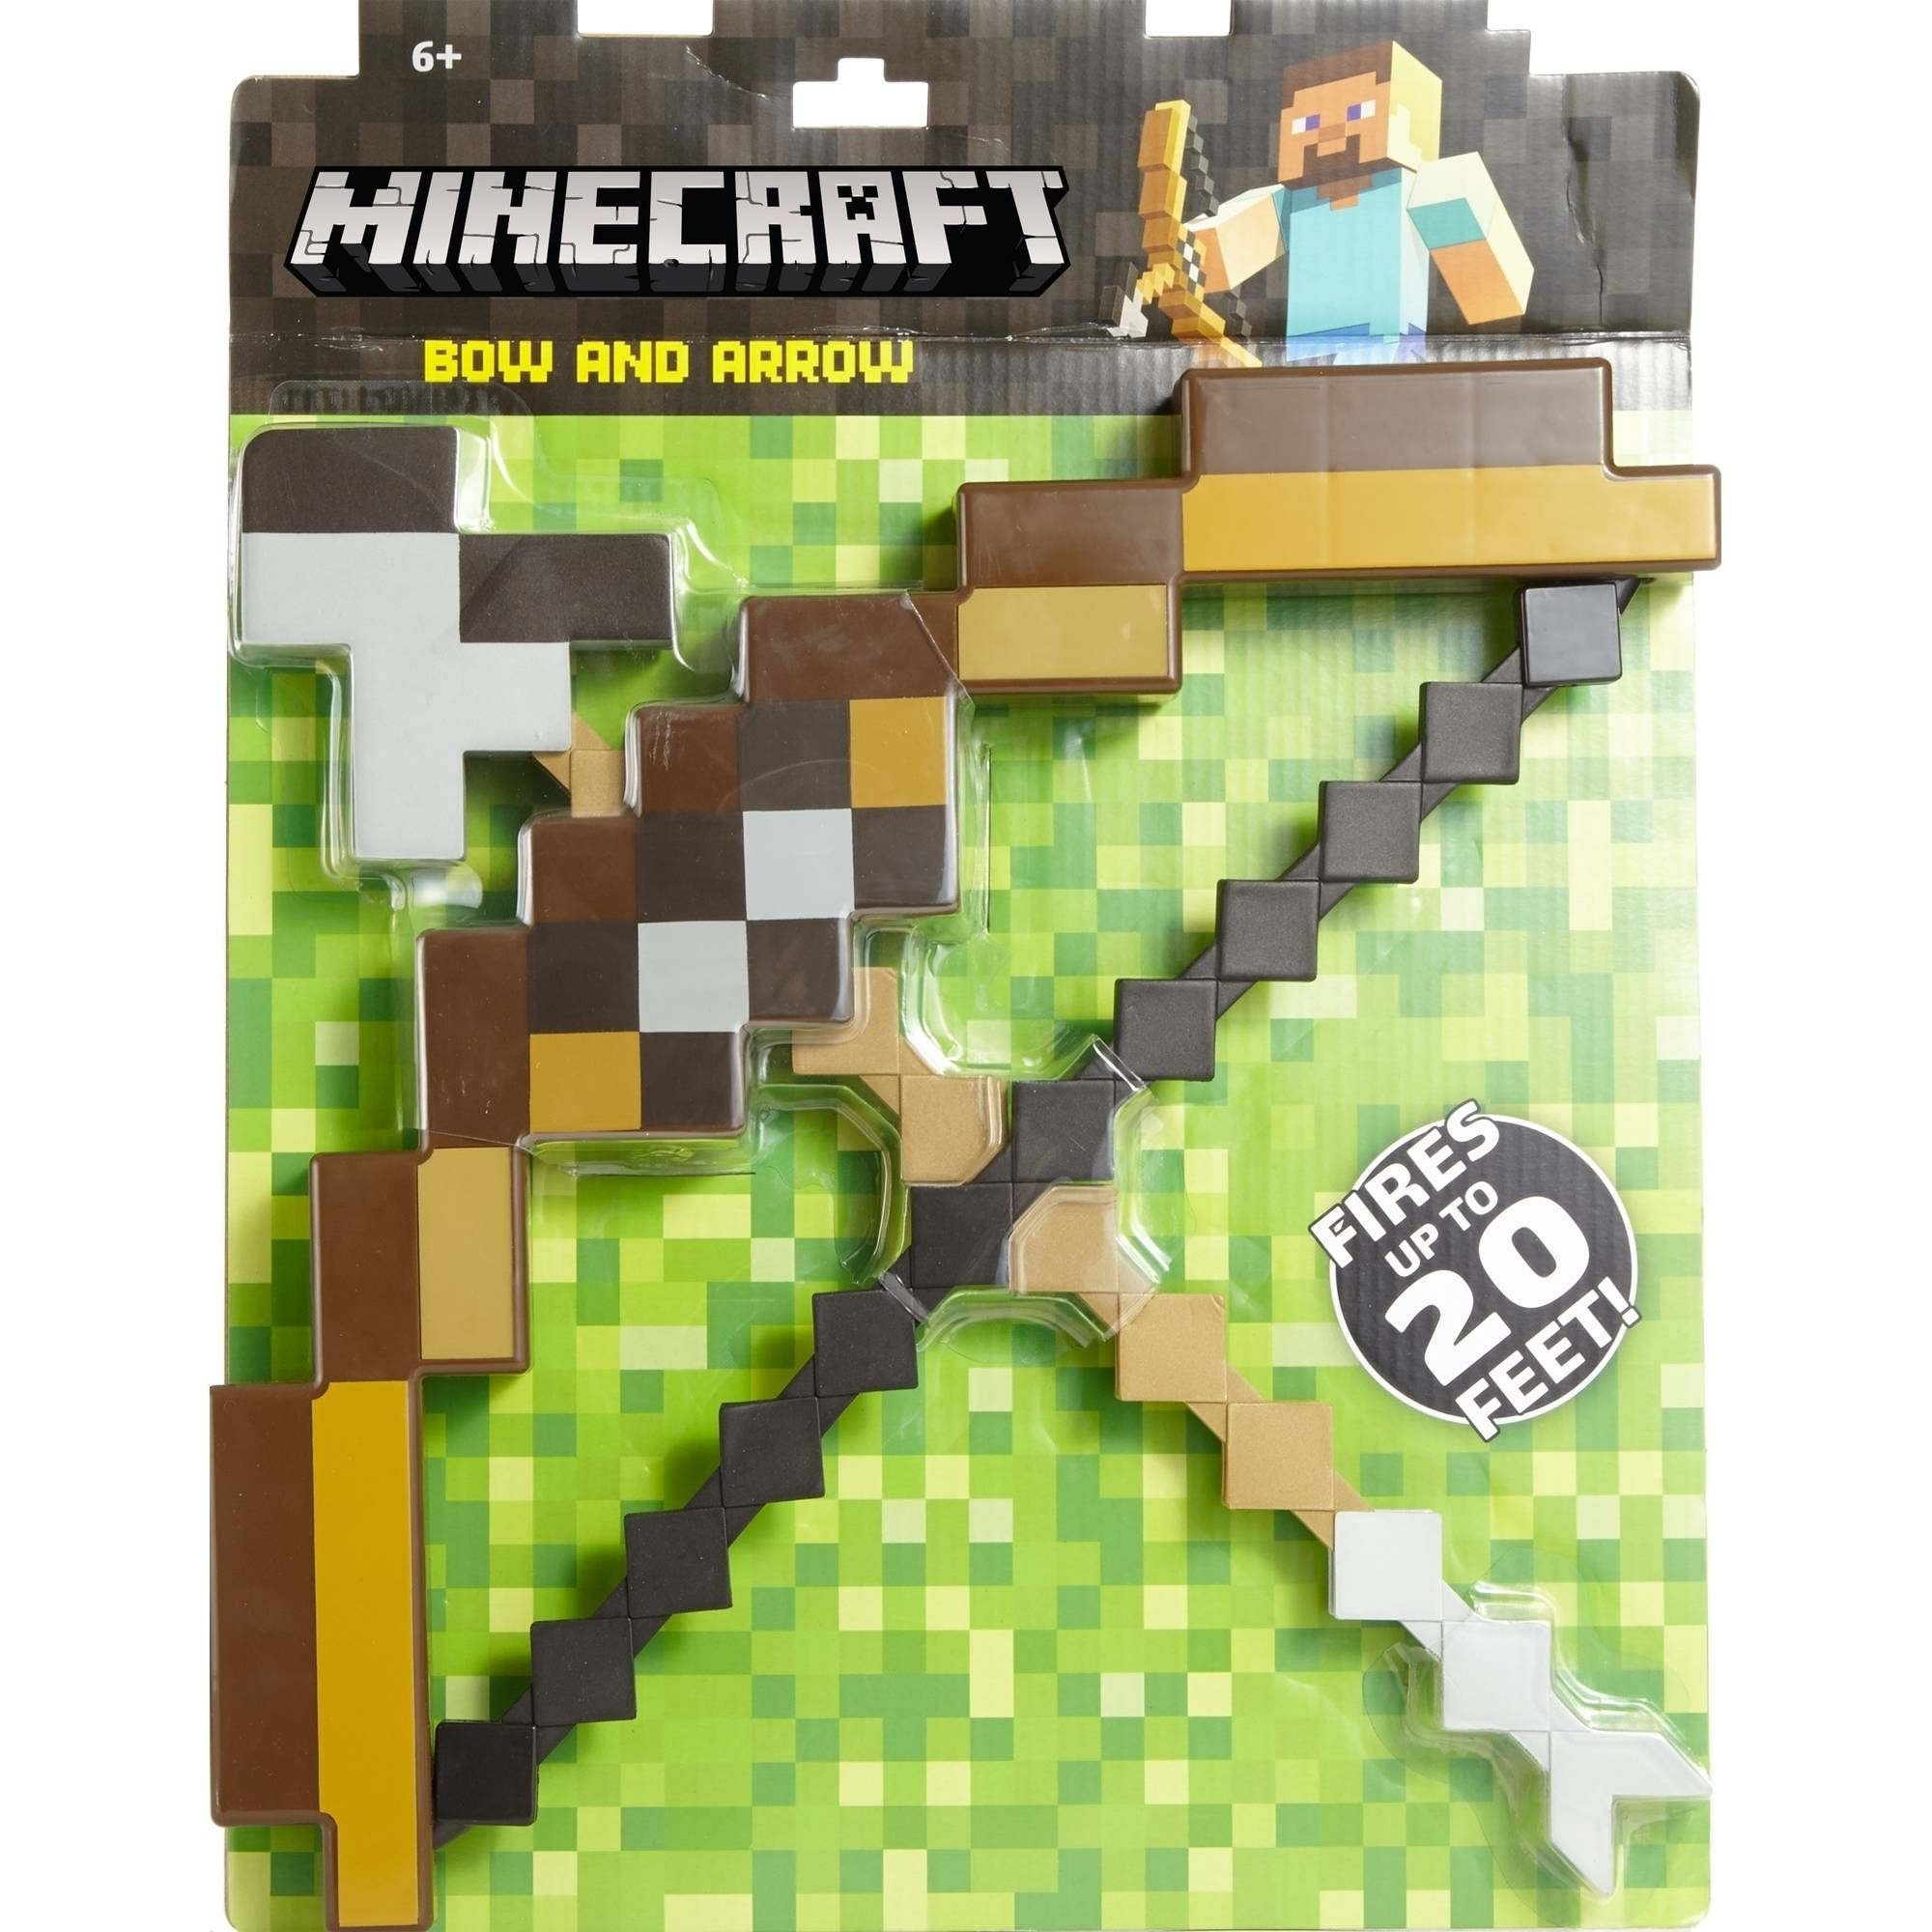 Minecraft Enchanted Bow & Arrow - amazon.com